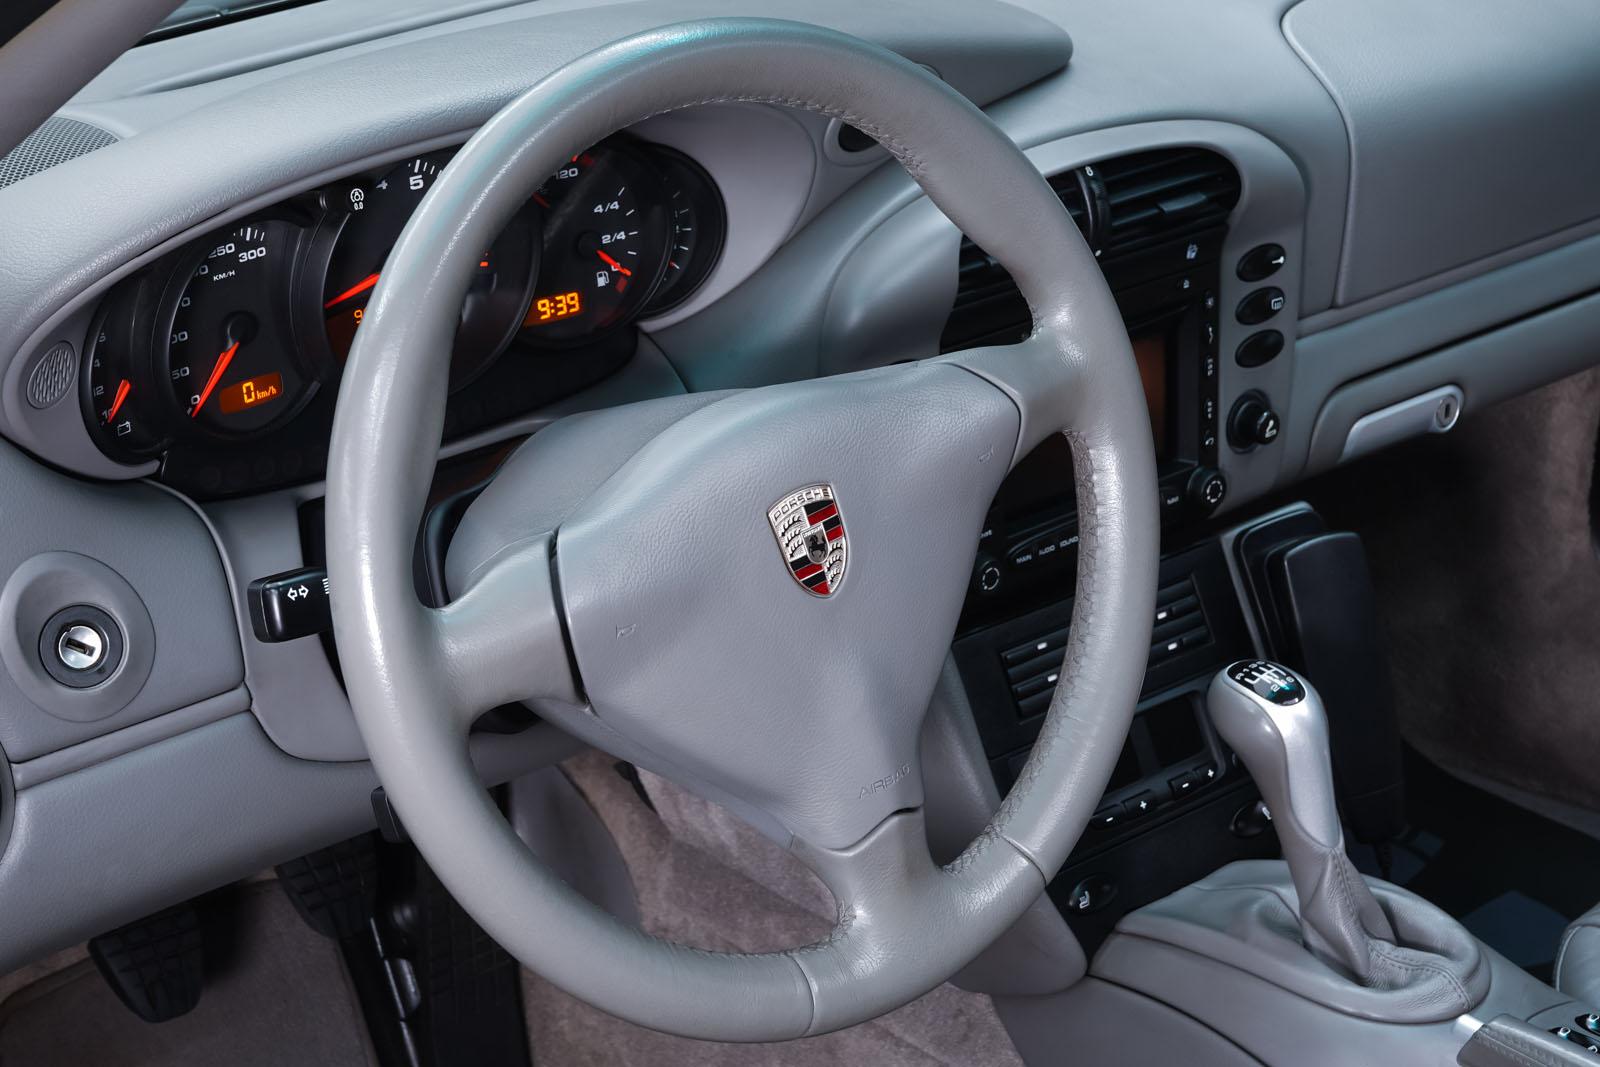 Porsche_996_Dunkelblau_Grau_POR-4337_10_w